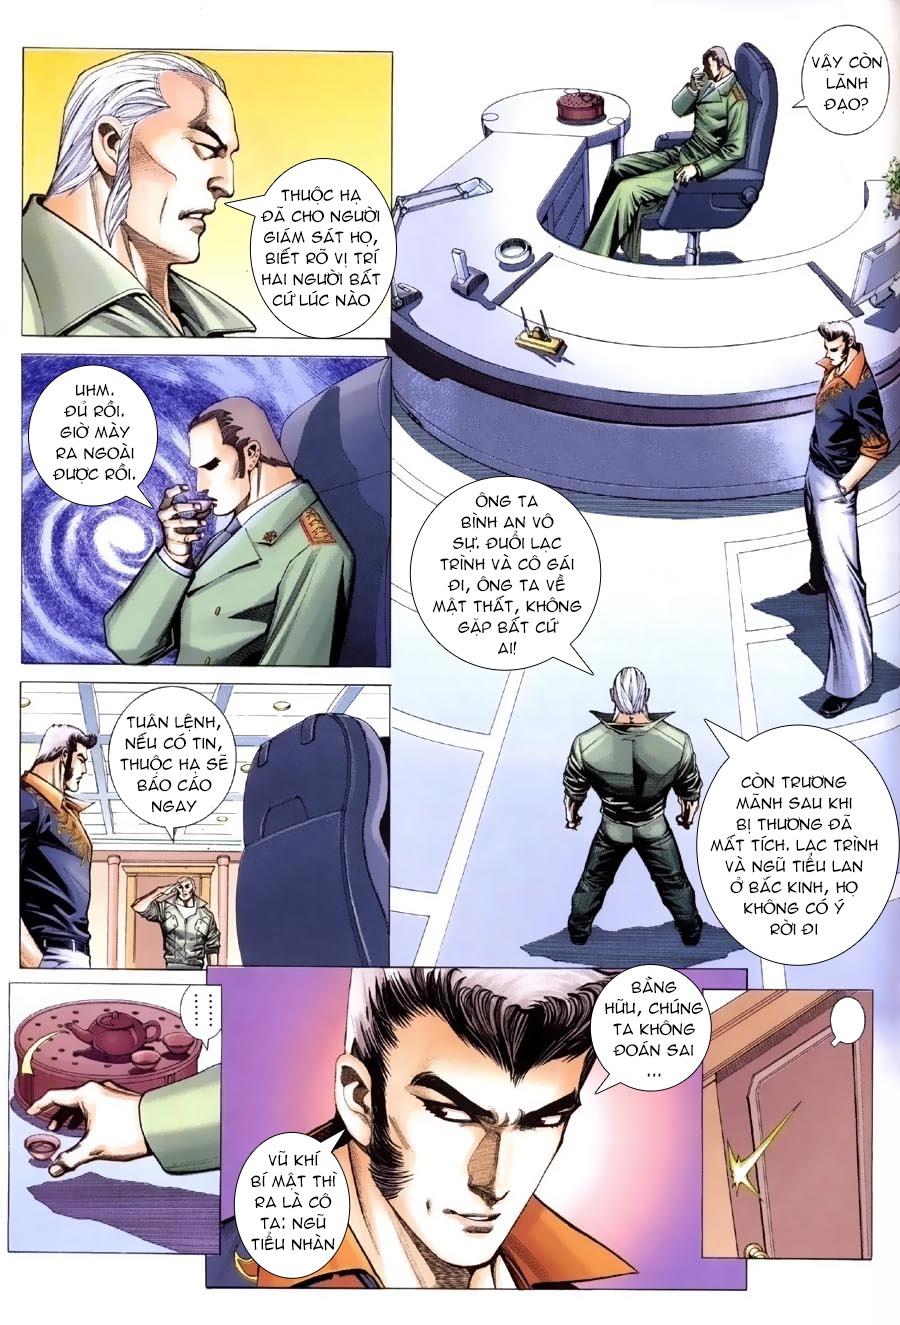 Xích Trụ Phạn Đường chap 13.2 - Trang 18